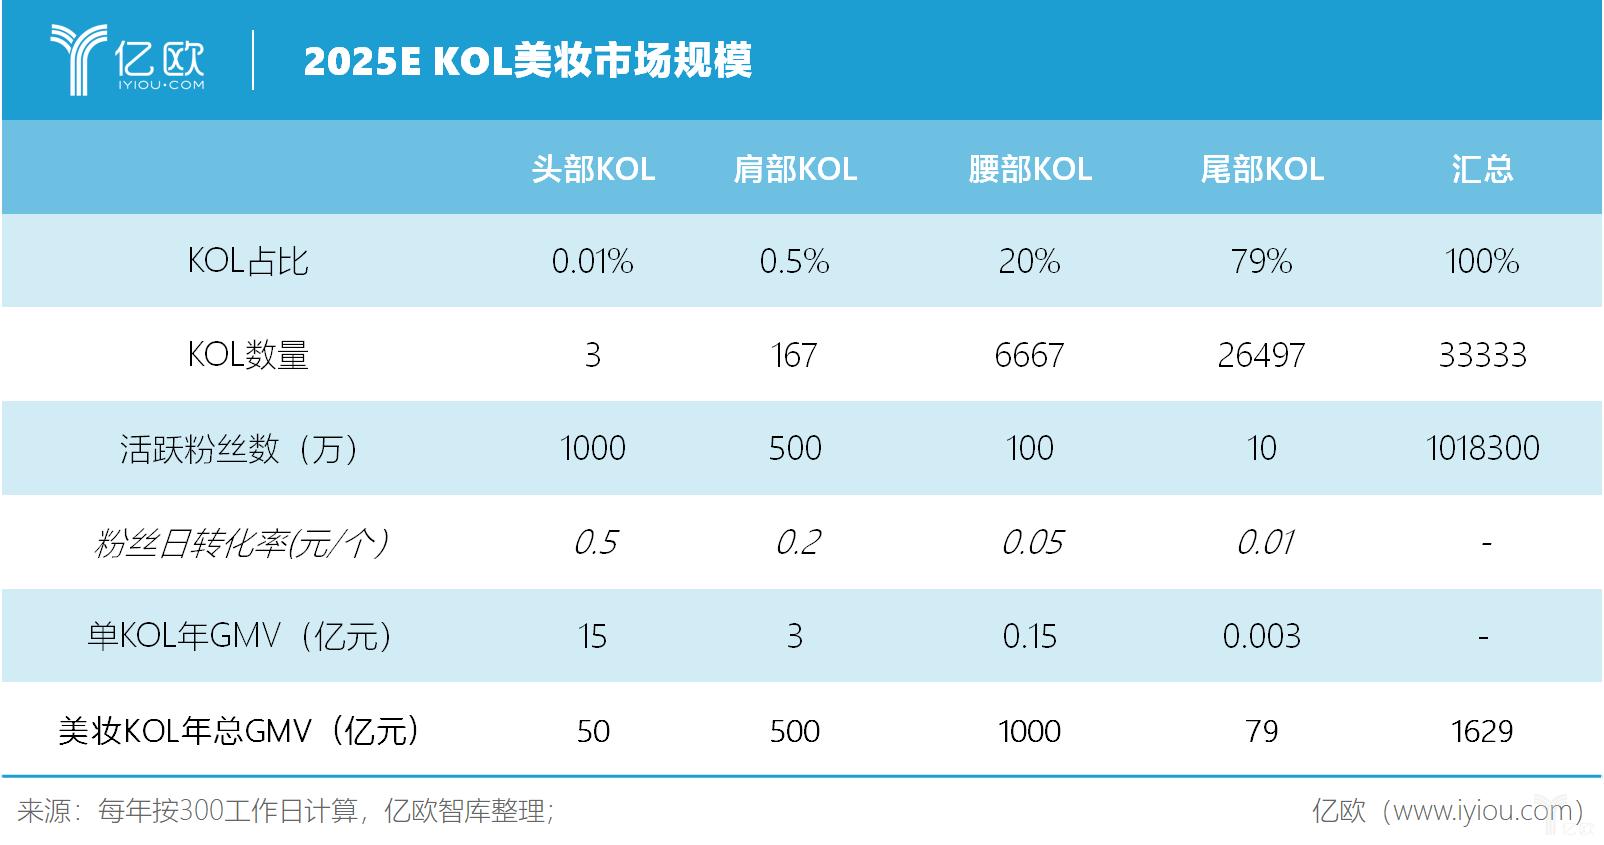 亿欧智库:2025E KOL美妆市场规模